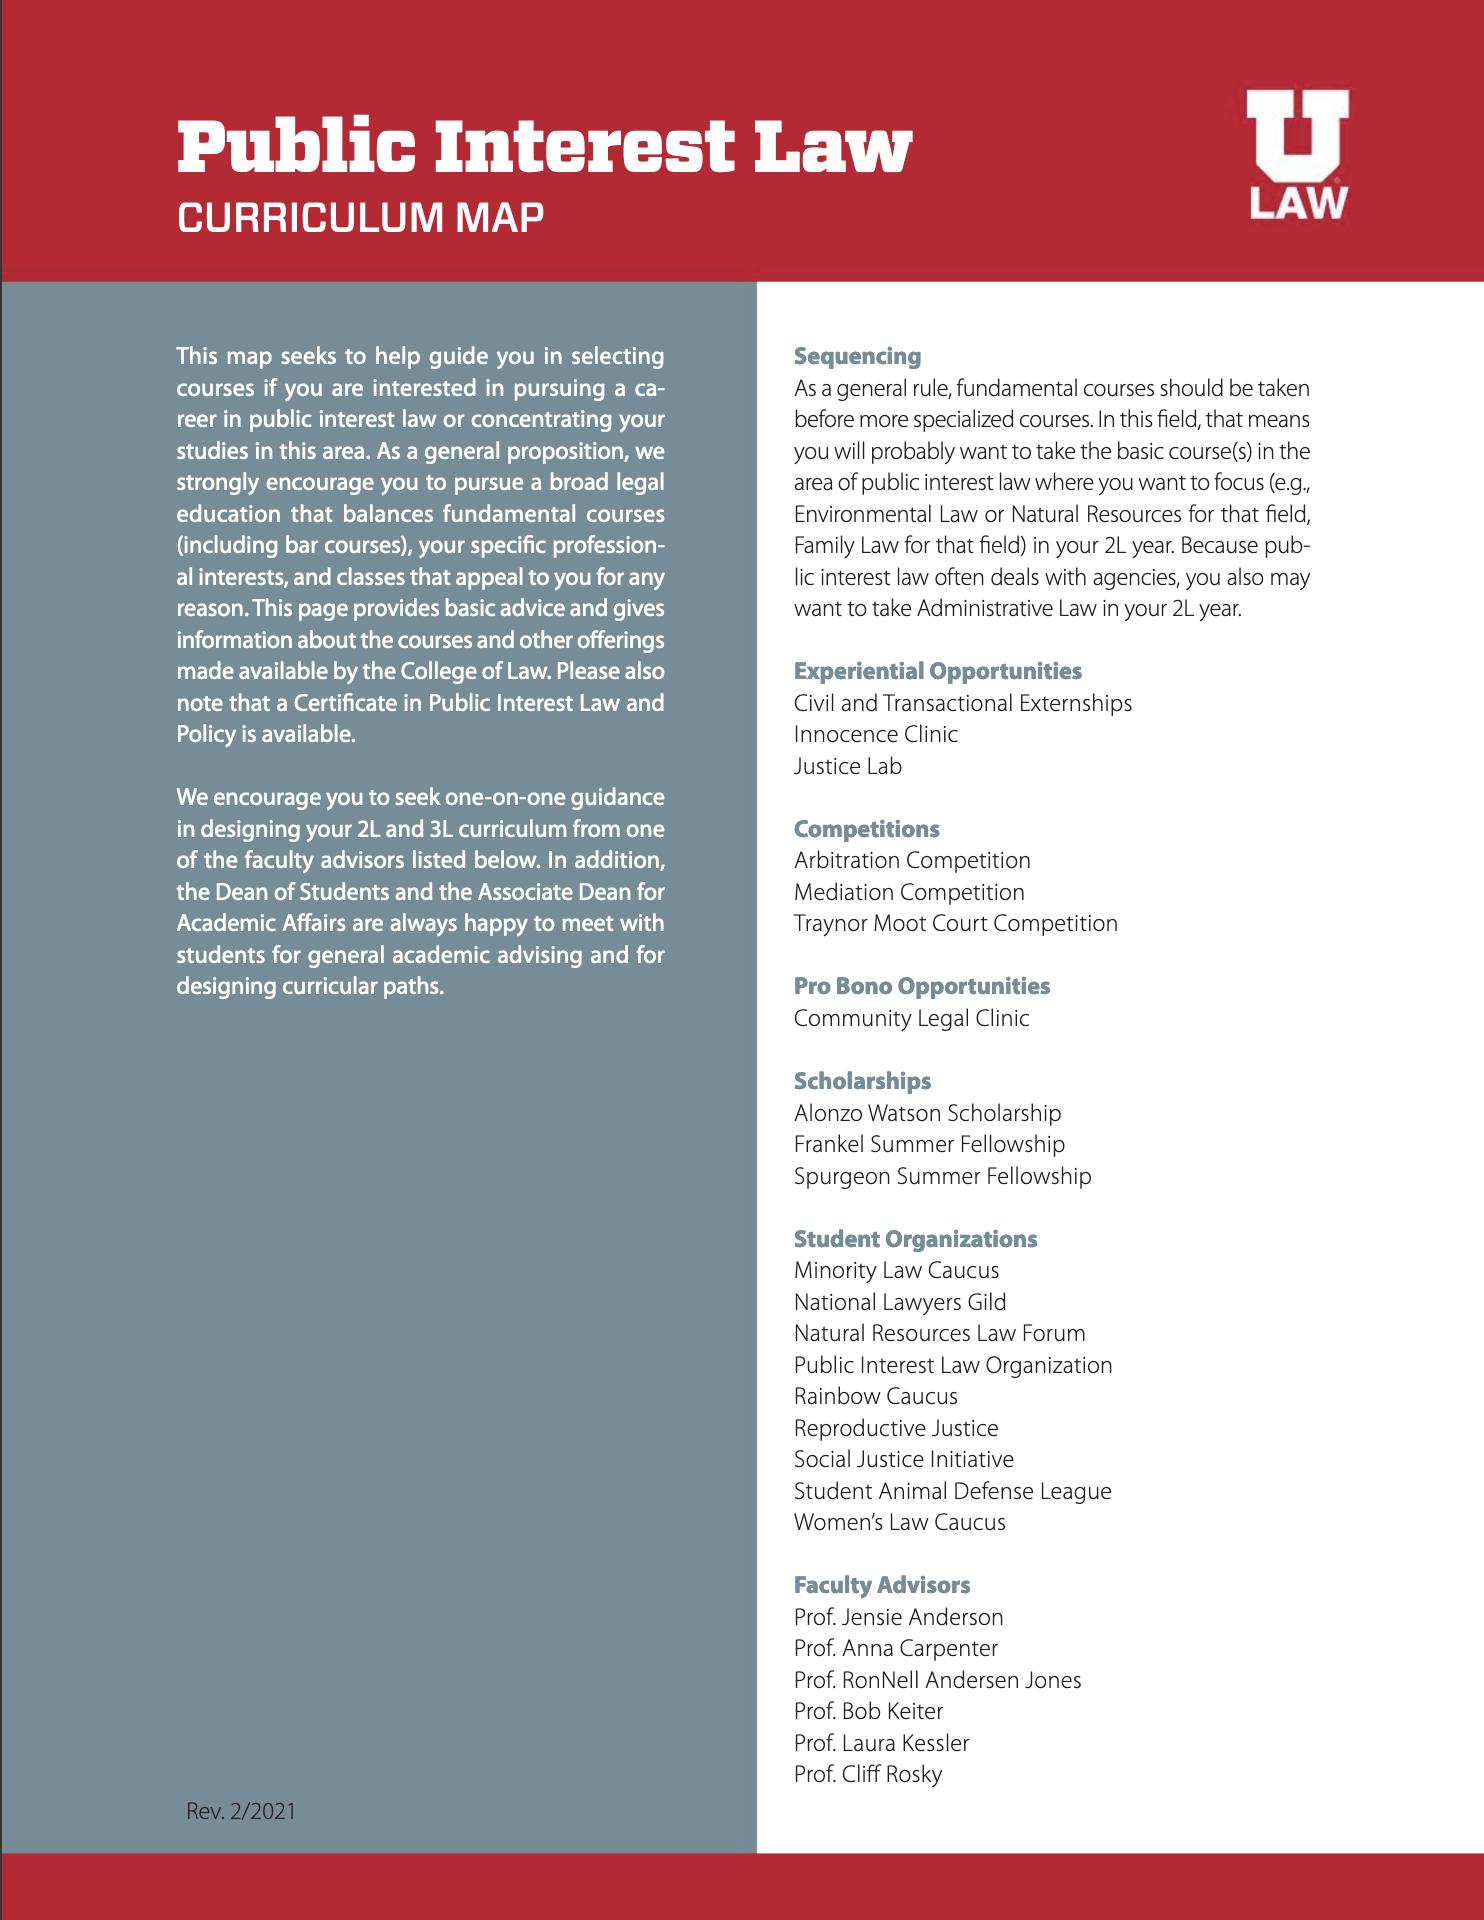 Public Interest Law Curriculum Map